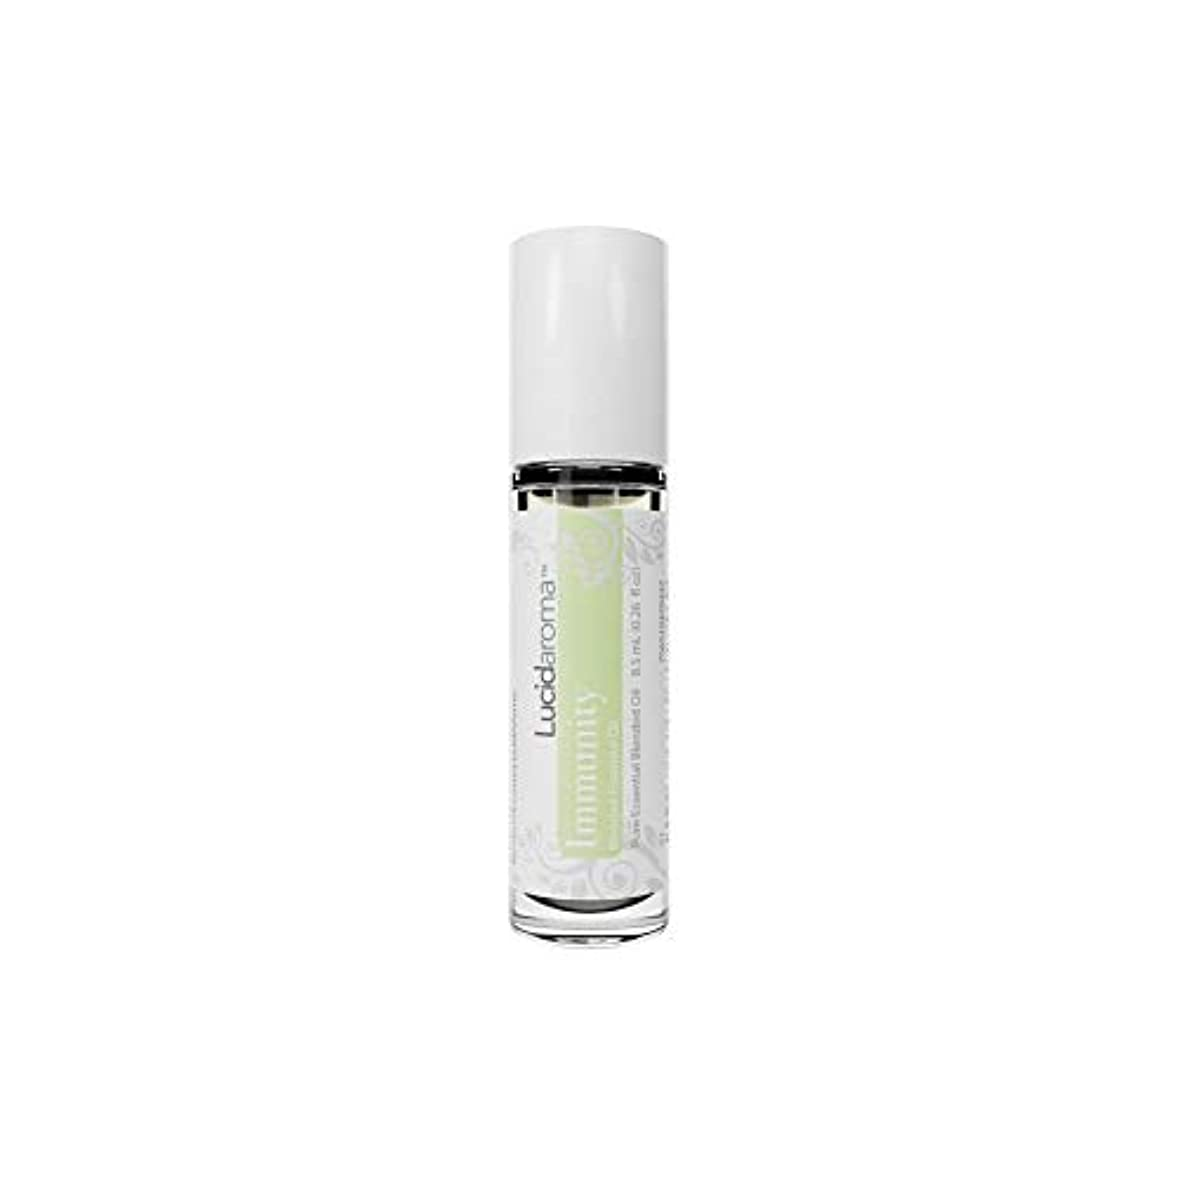 その詳細なメダリストLucid Aroma Immunity イミュニティ ブレンド ロールオン アロマオイル 8.5mL (塗るアロマ) 100%天然 携帯便利 ピュア エッセンシャル アメリカ製